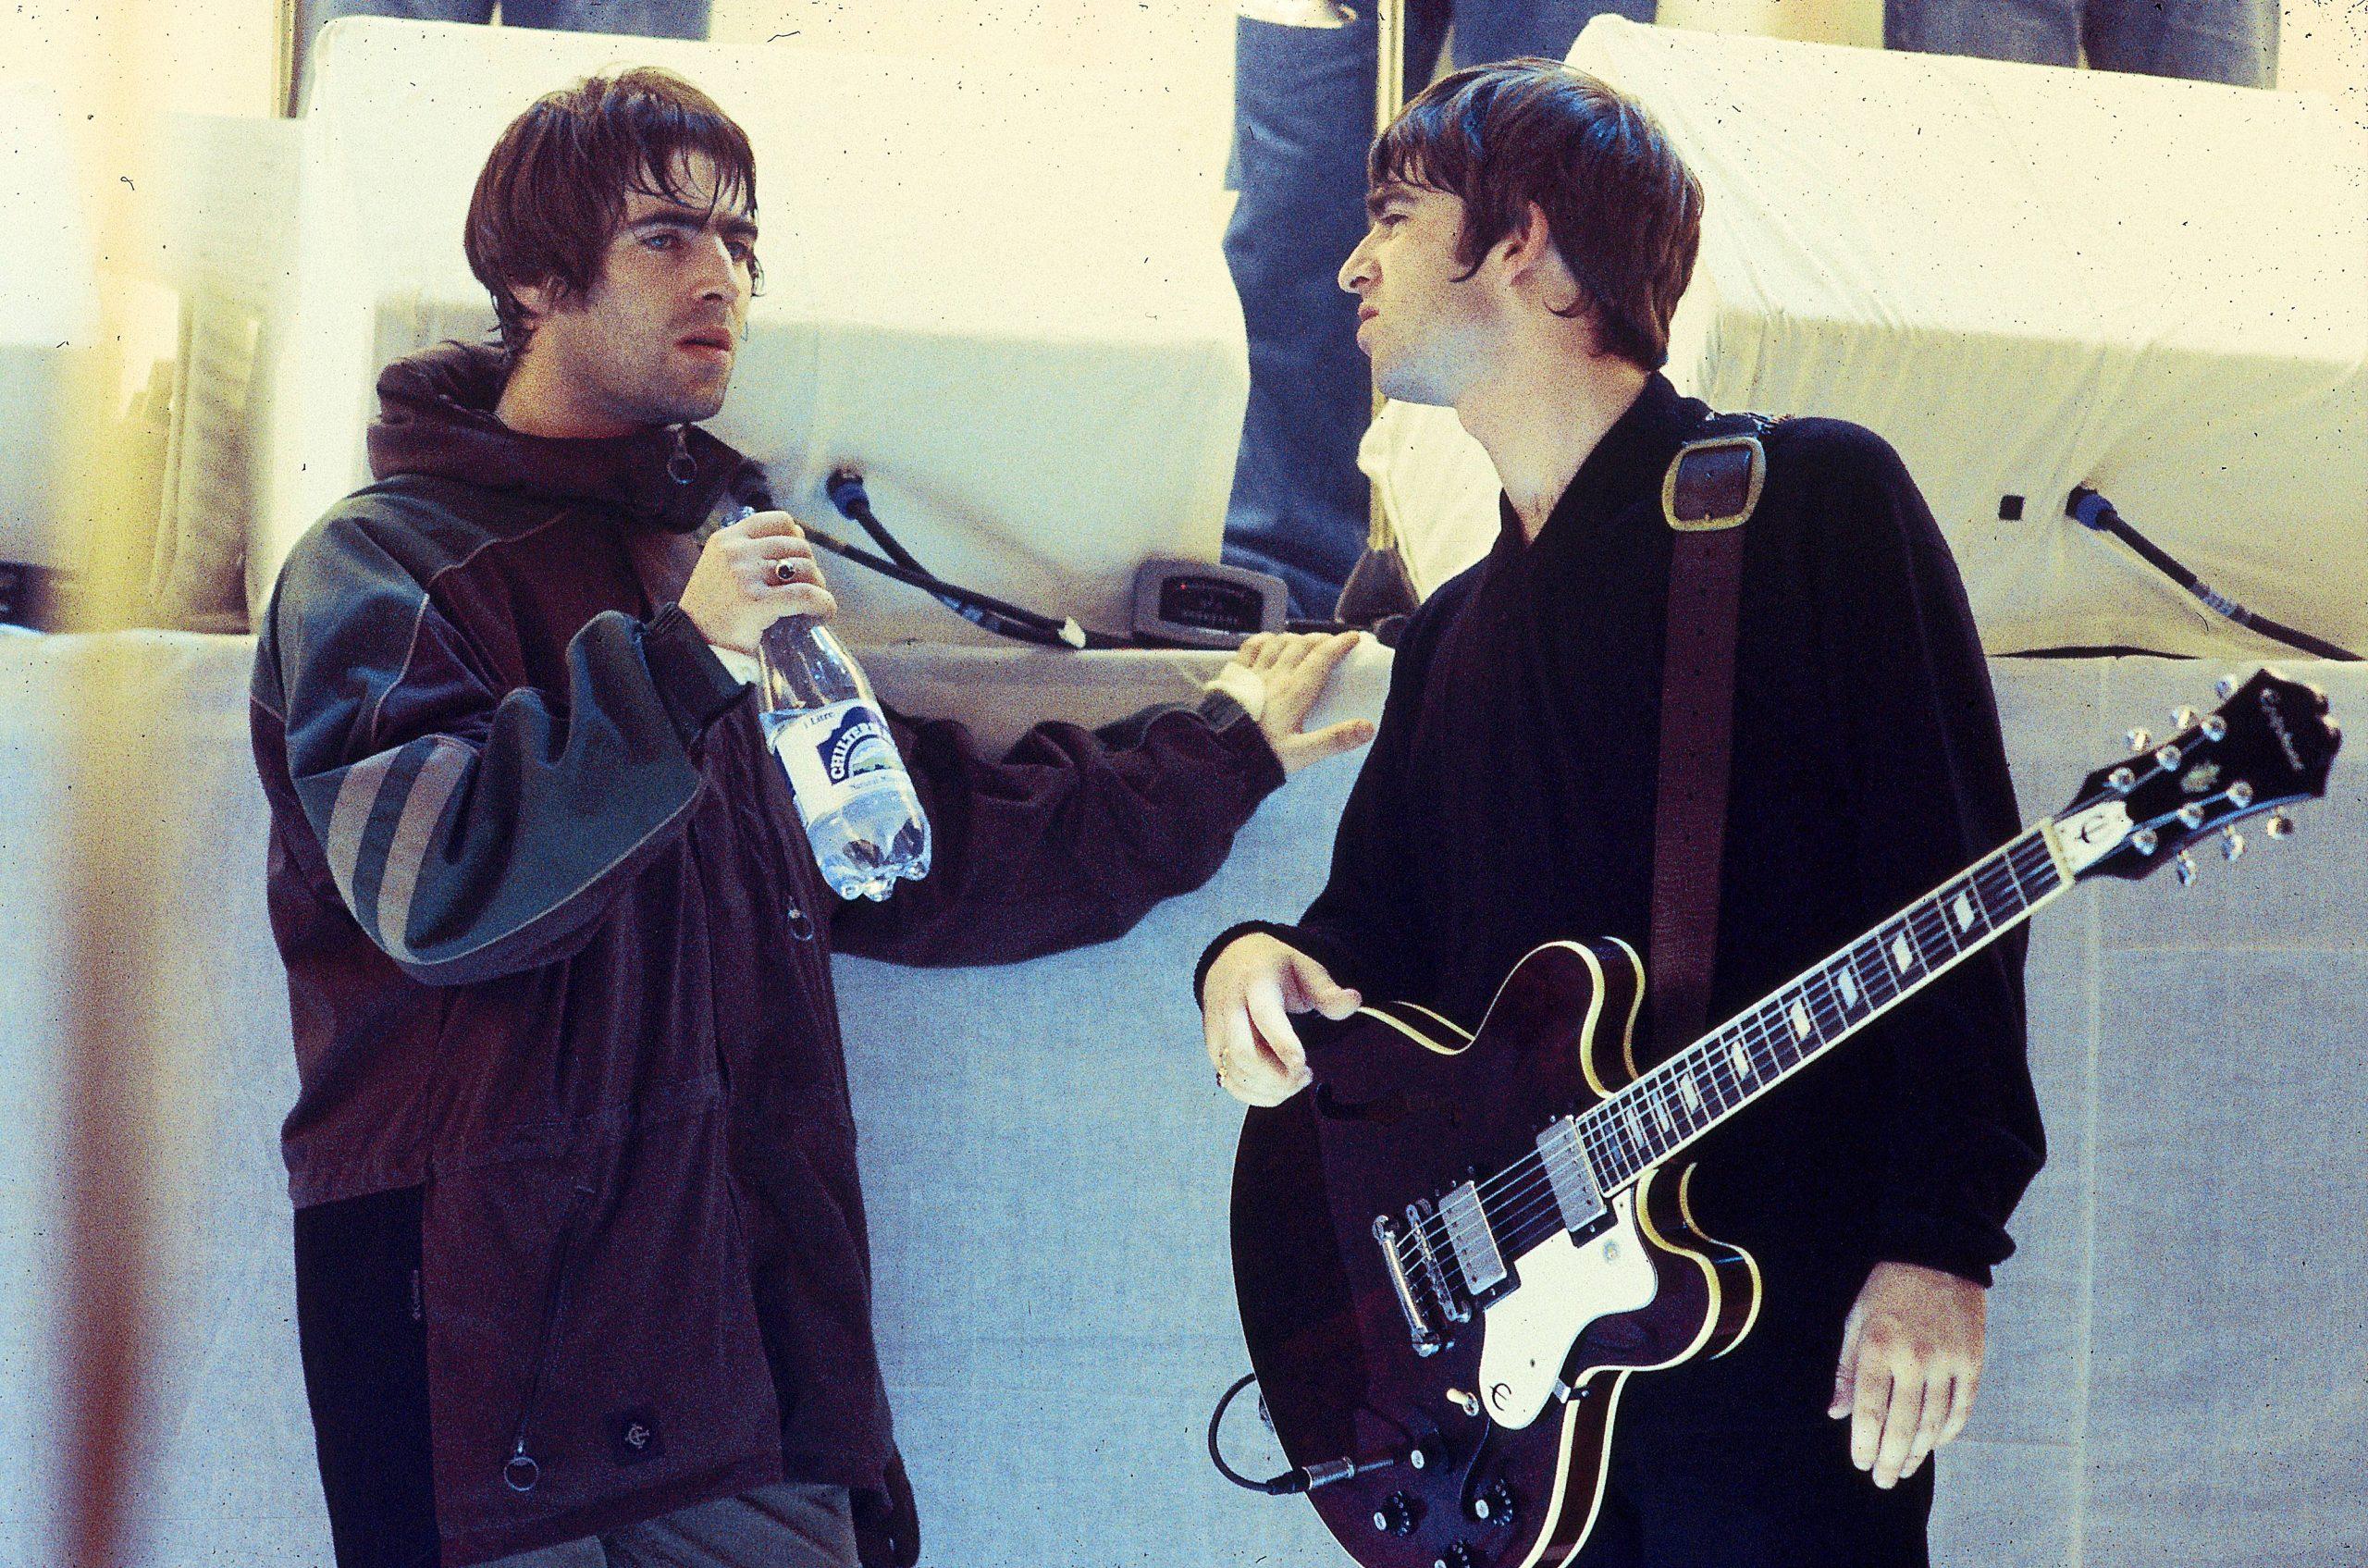 Noel y Liam Gallagher trabajan en un documental de los shows de Oasis en Knebworth